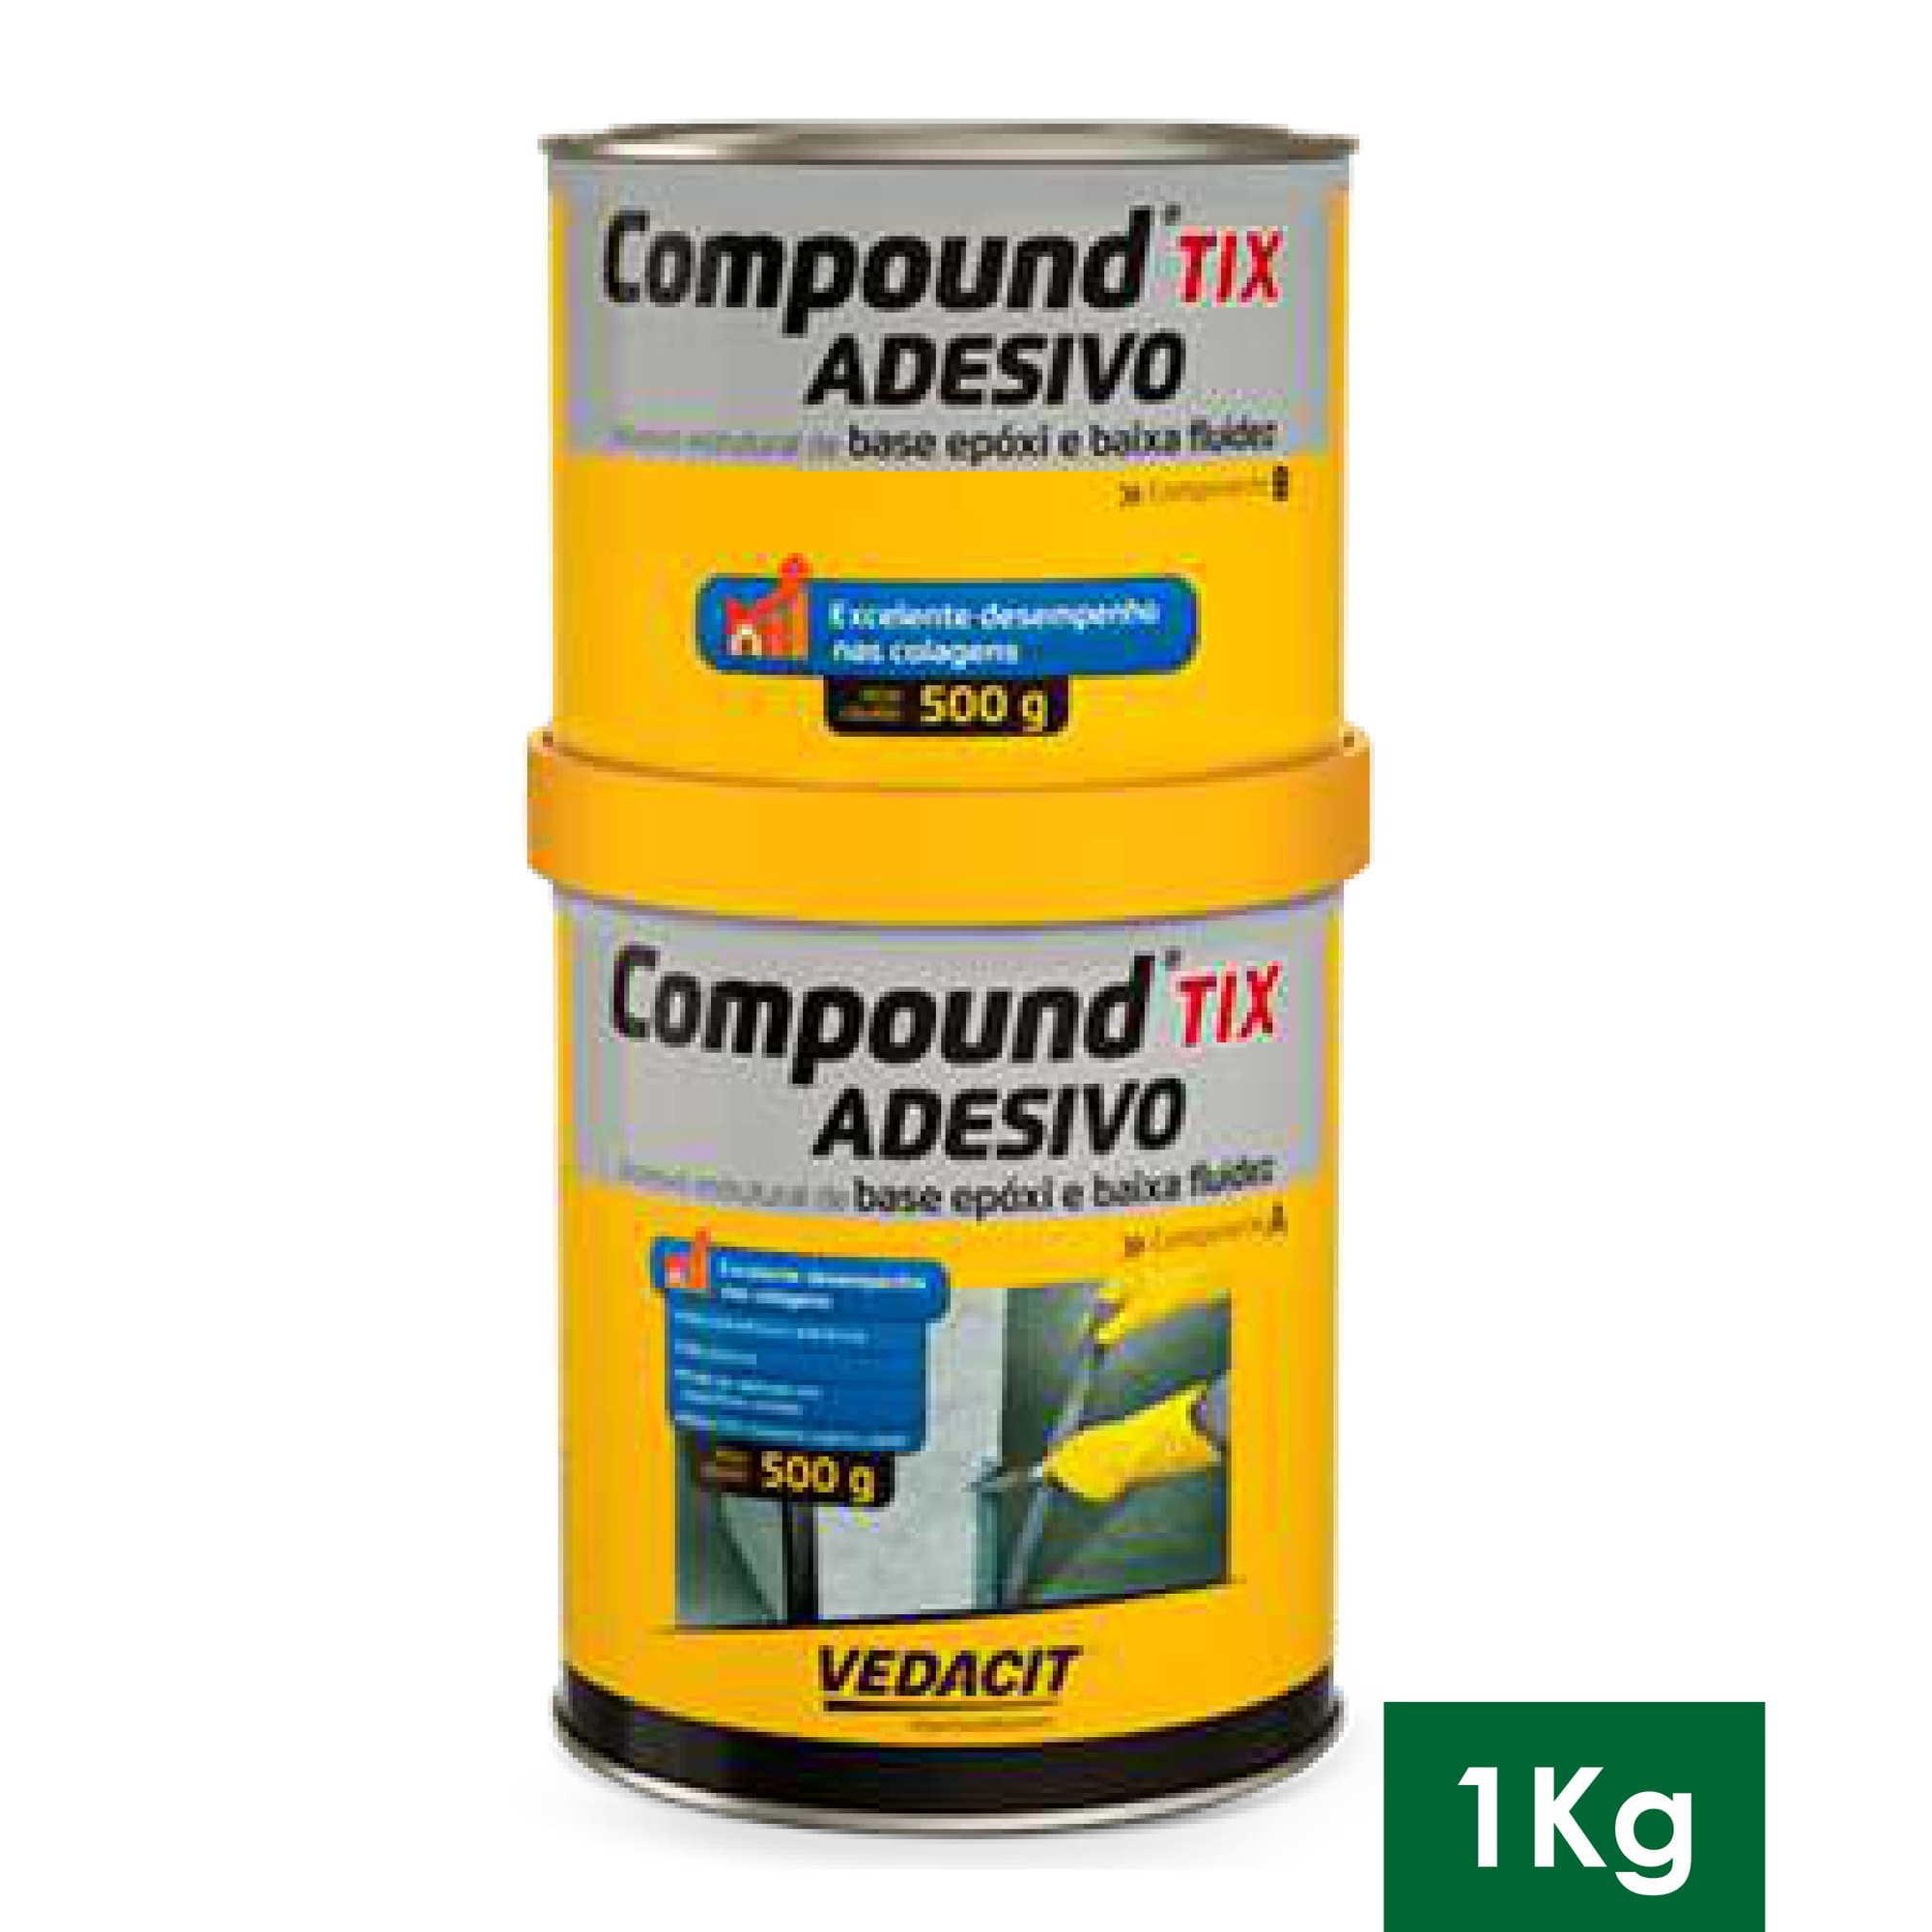 COMPOUND TIX ADESIVO 1 KG